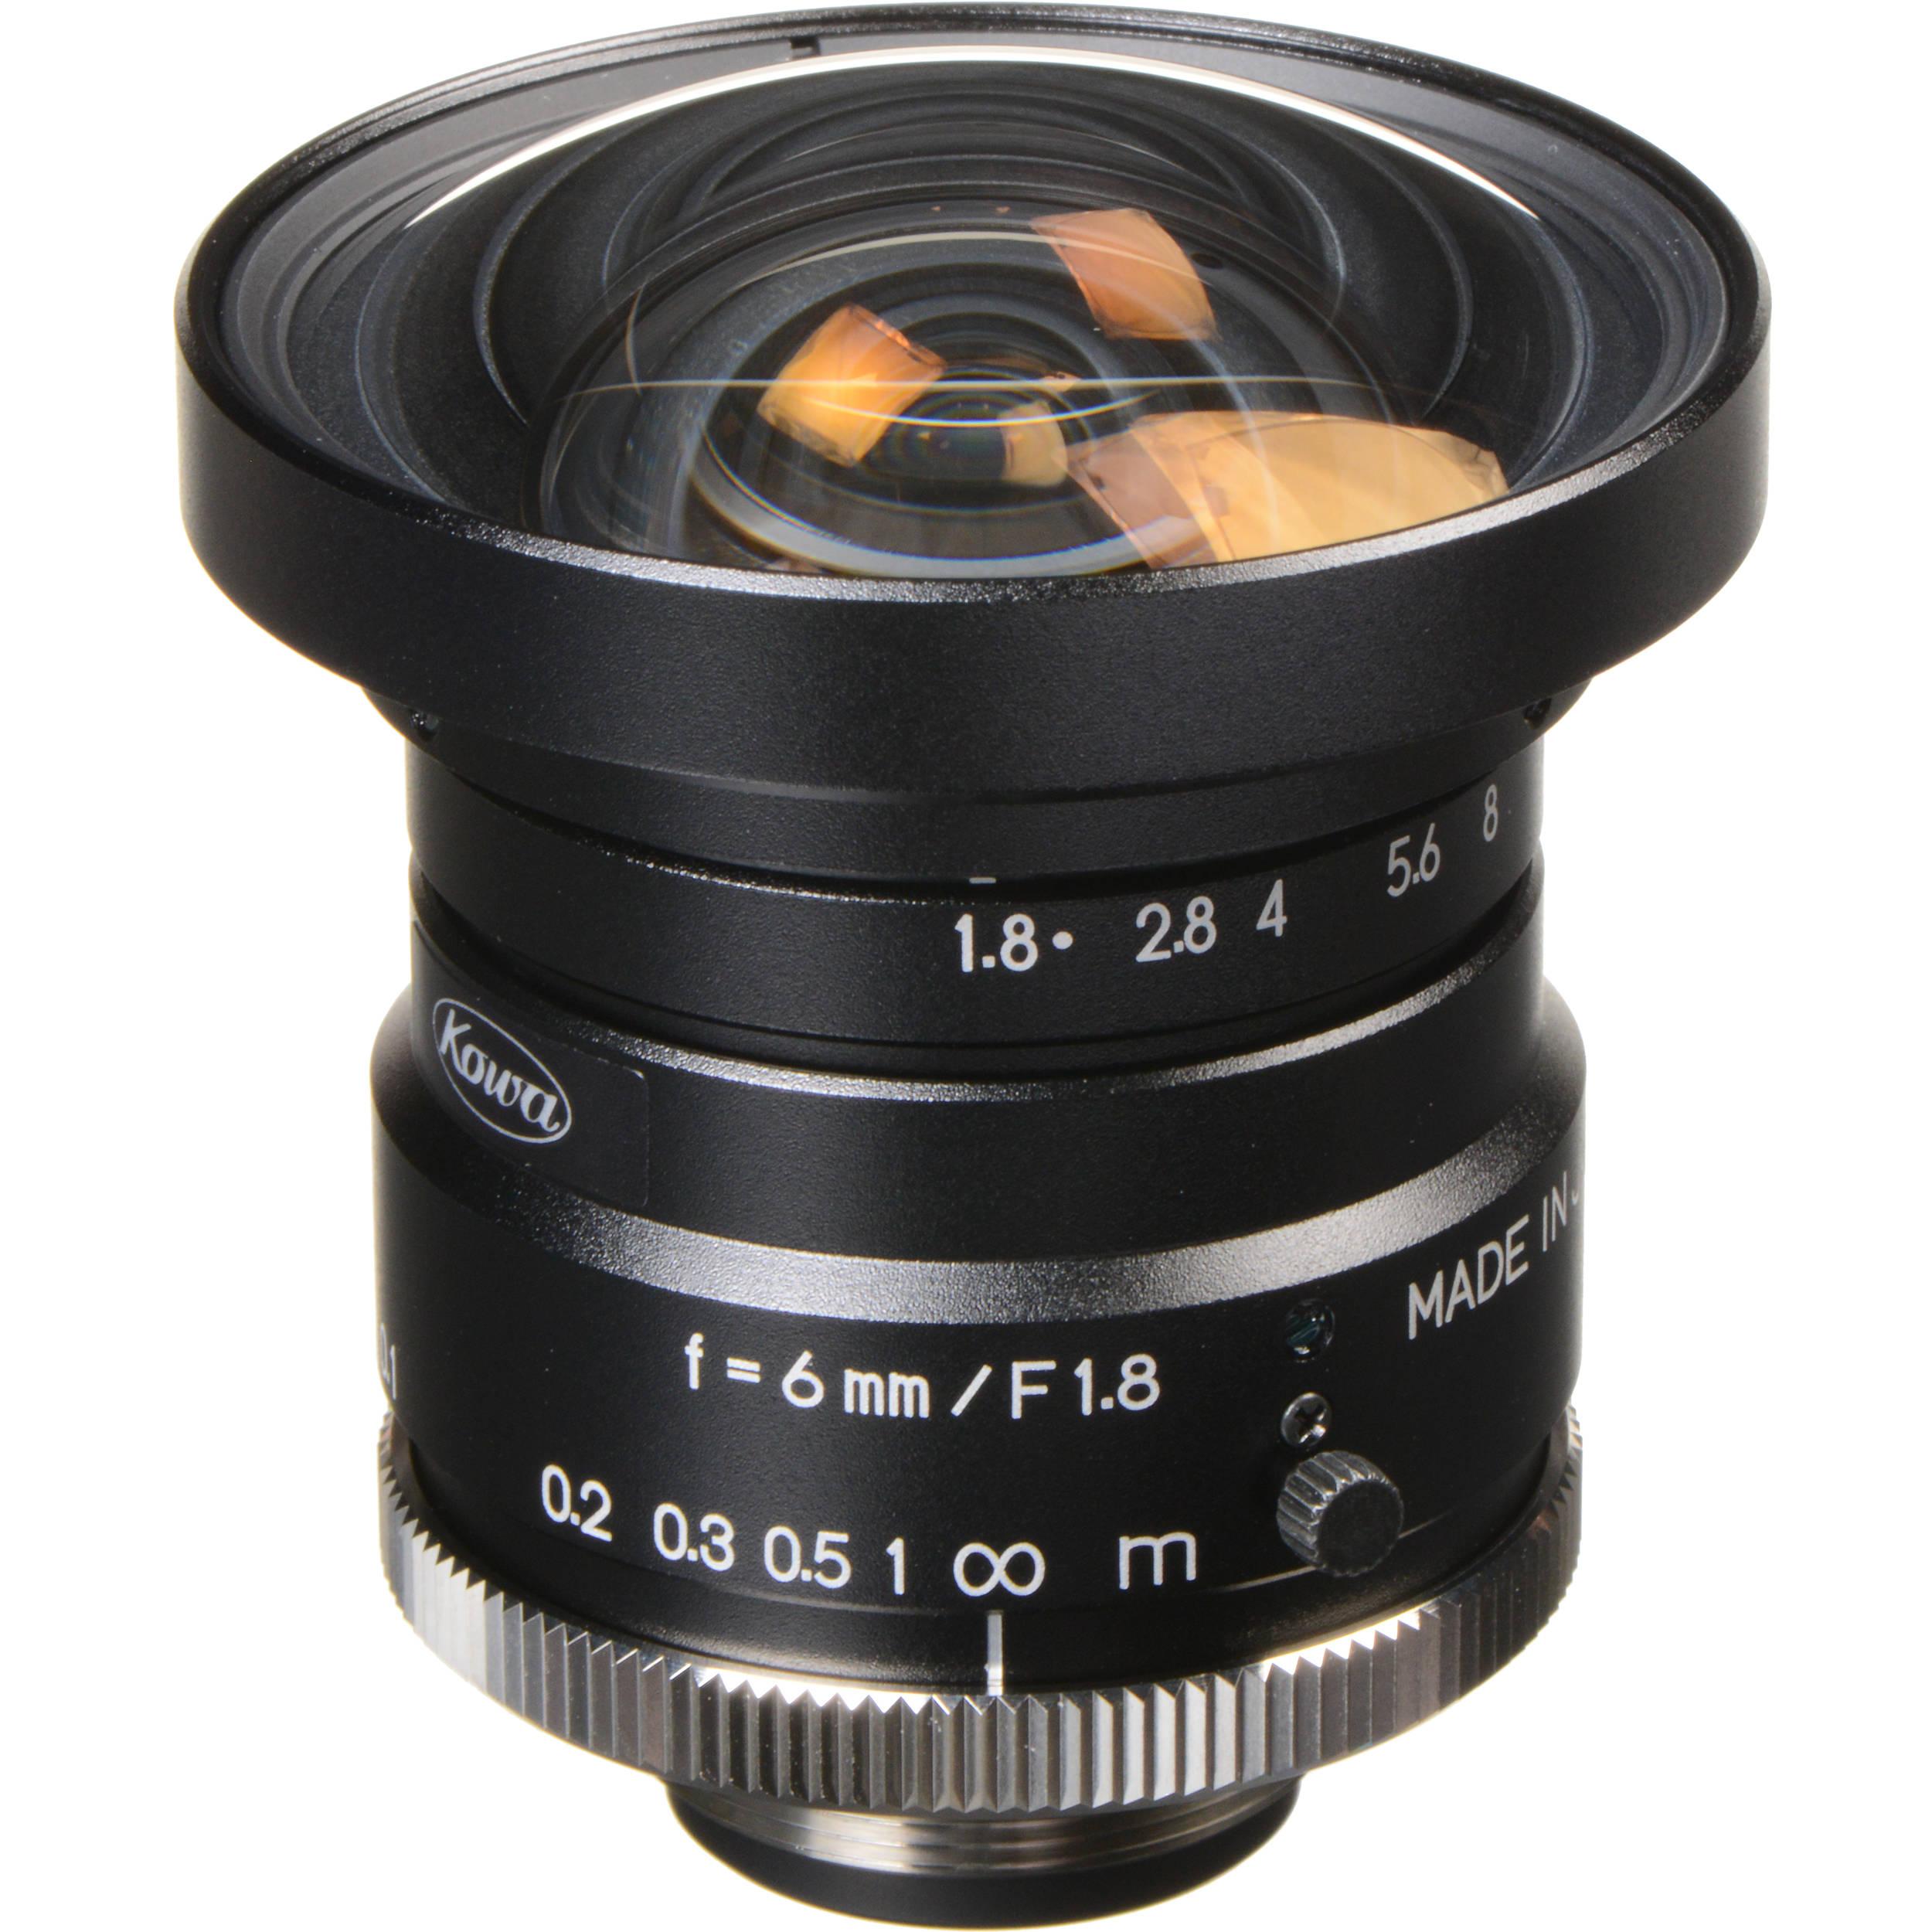 Инструкция к объективу computar 1 3 2 6mm с автодиафрагмой